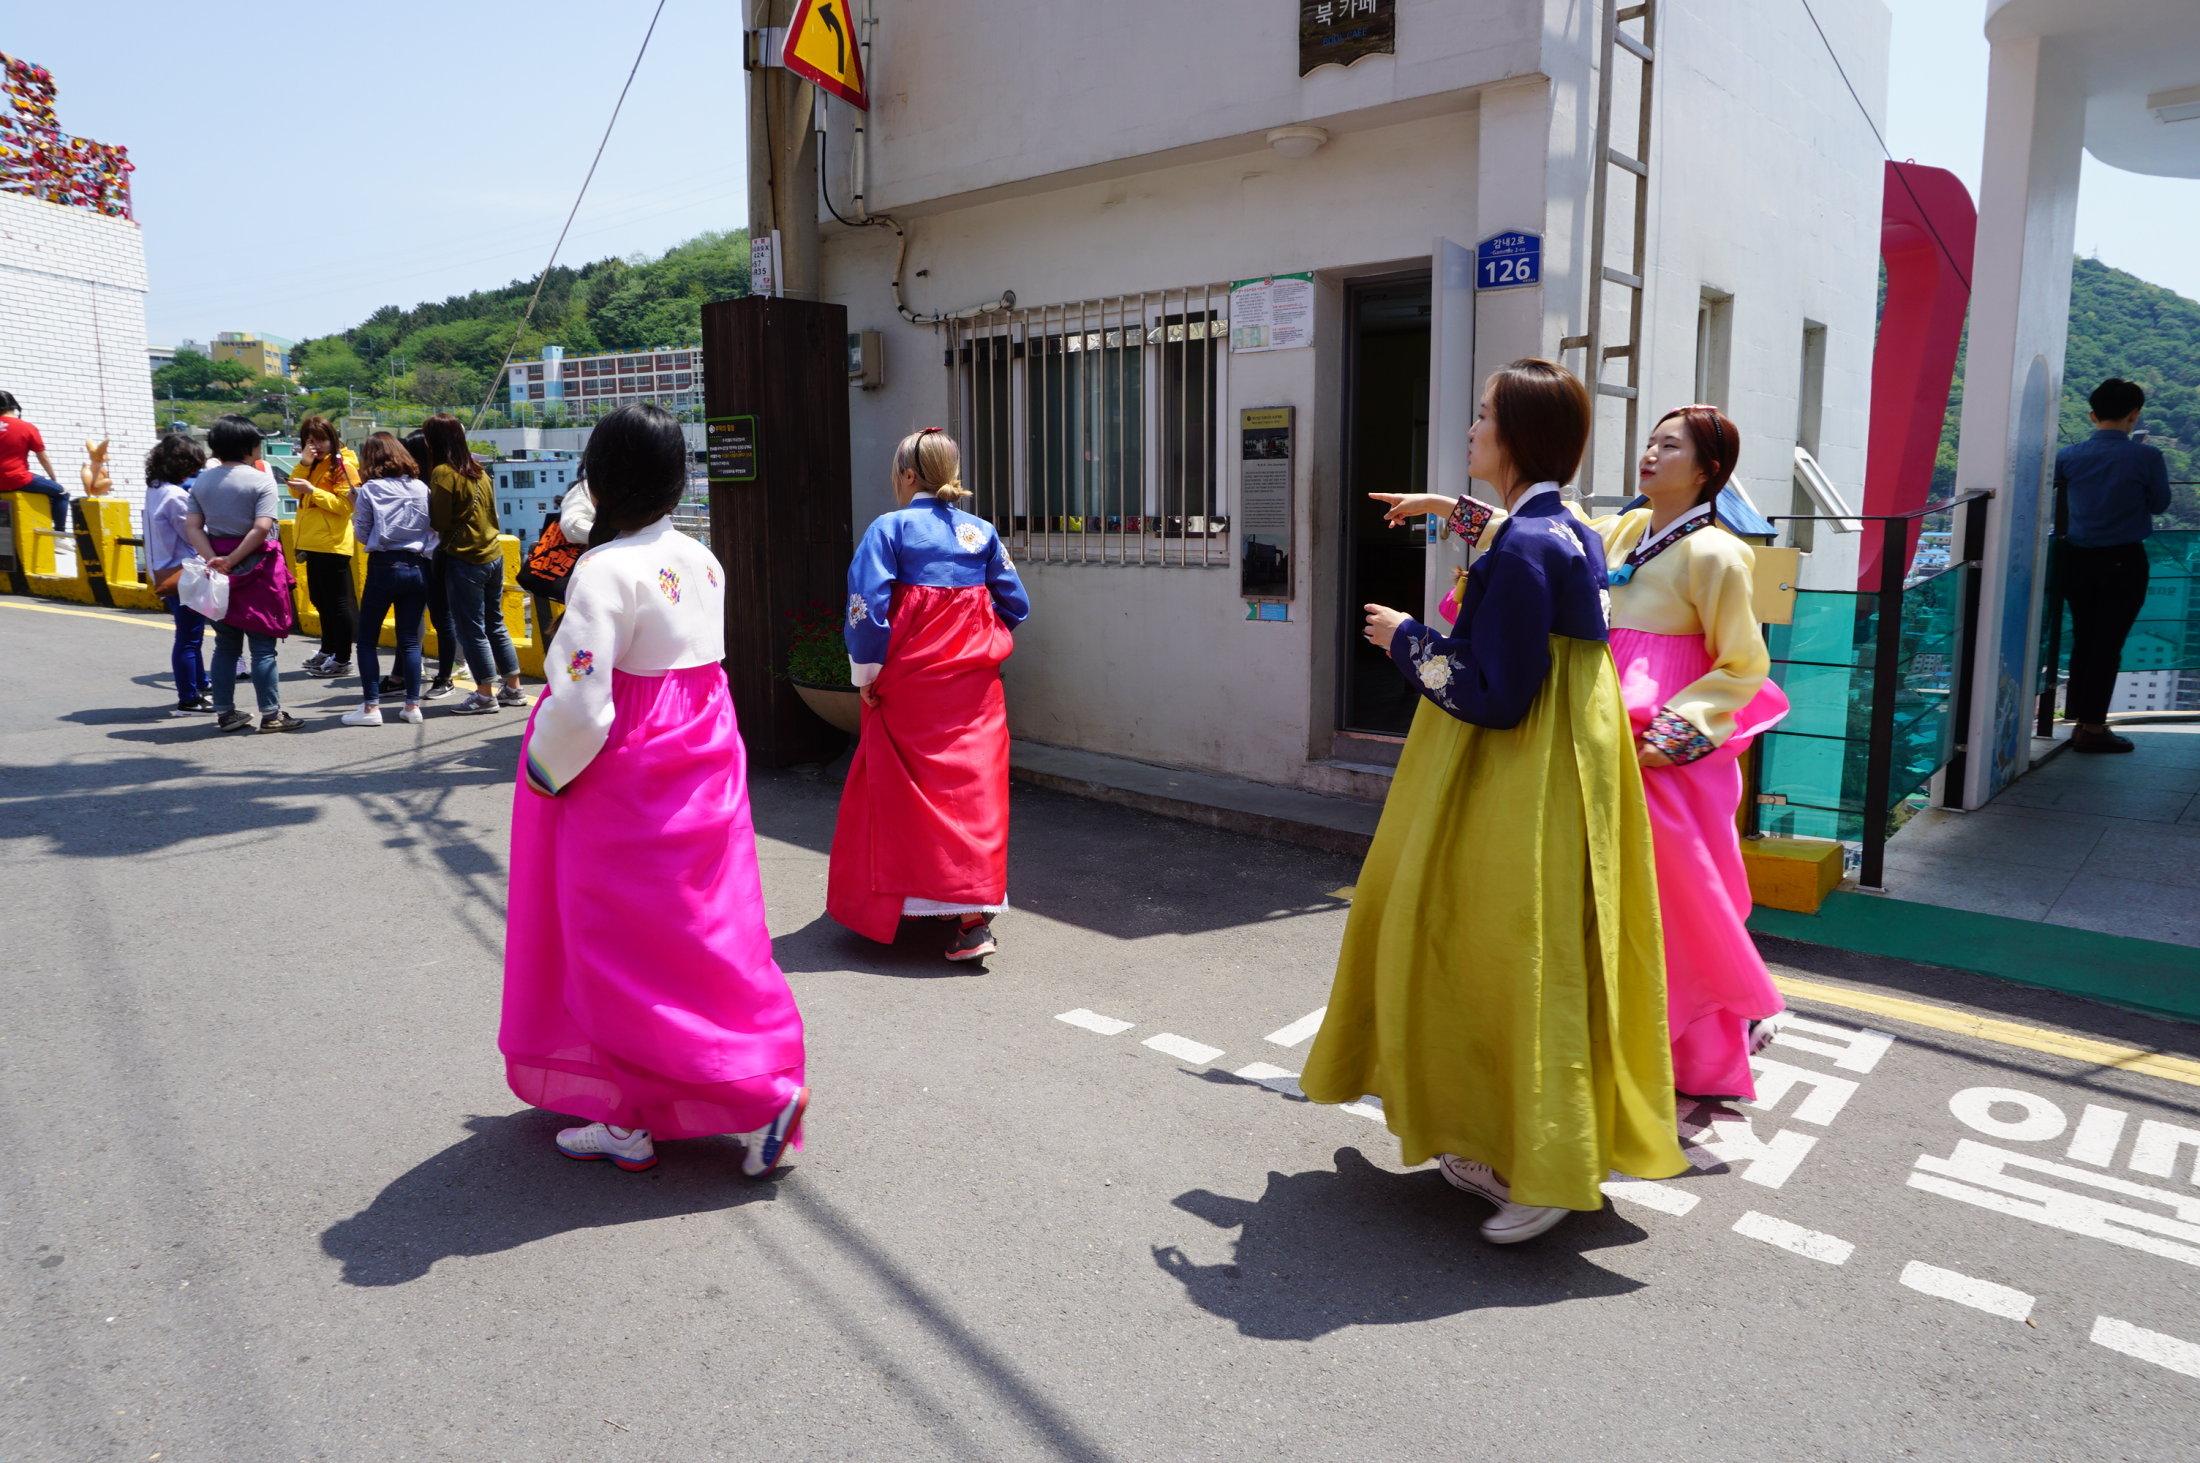 Miestne turistky v tradičných kórejských kostýmoch